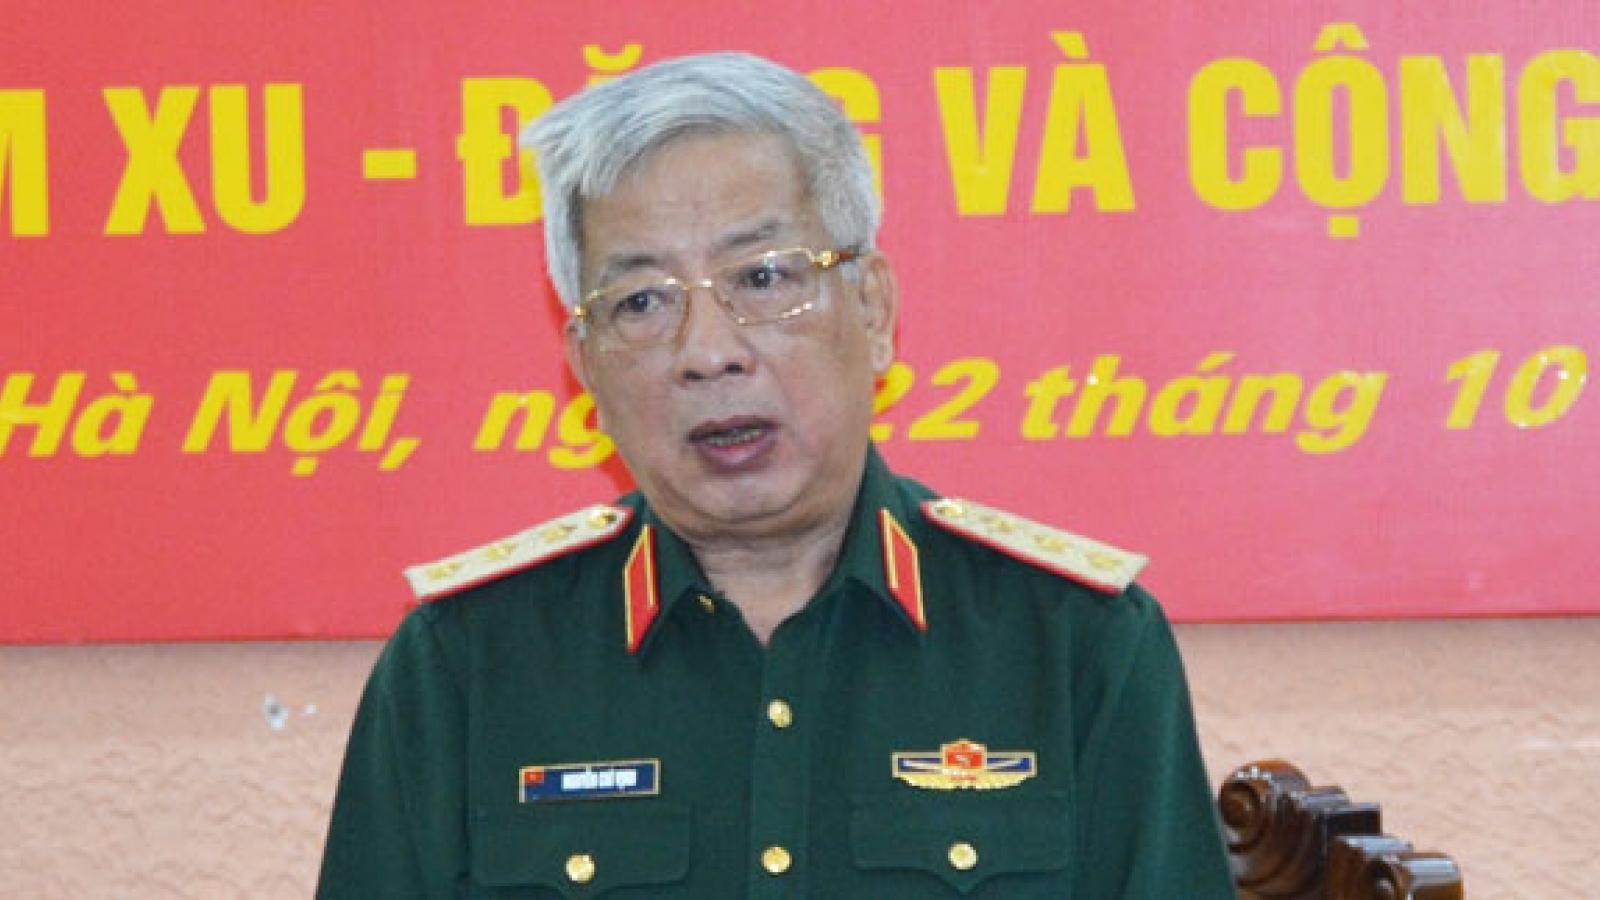 """""""Việt Nam tham gia lâu dài sứ mệnh gìn giữ hòa bình LHQ bằng sức mạnh quốc gia!"""""""